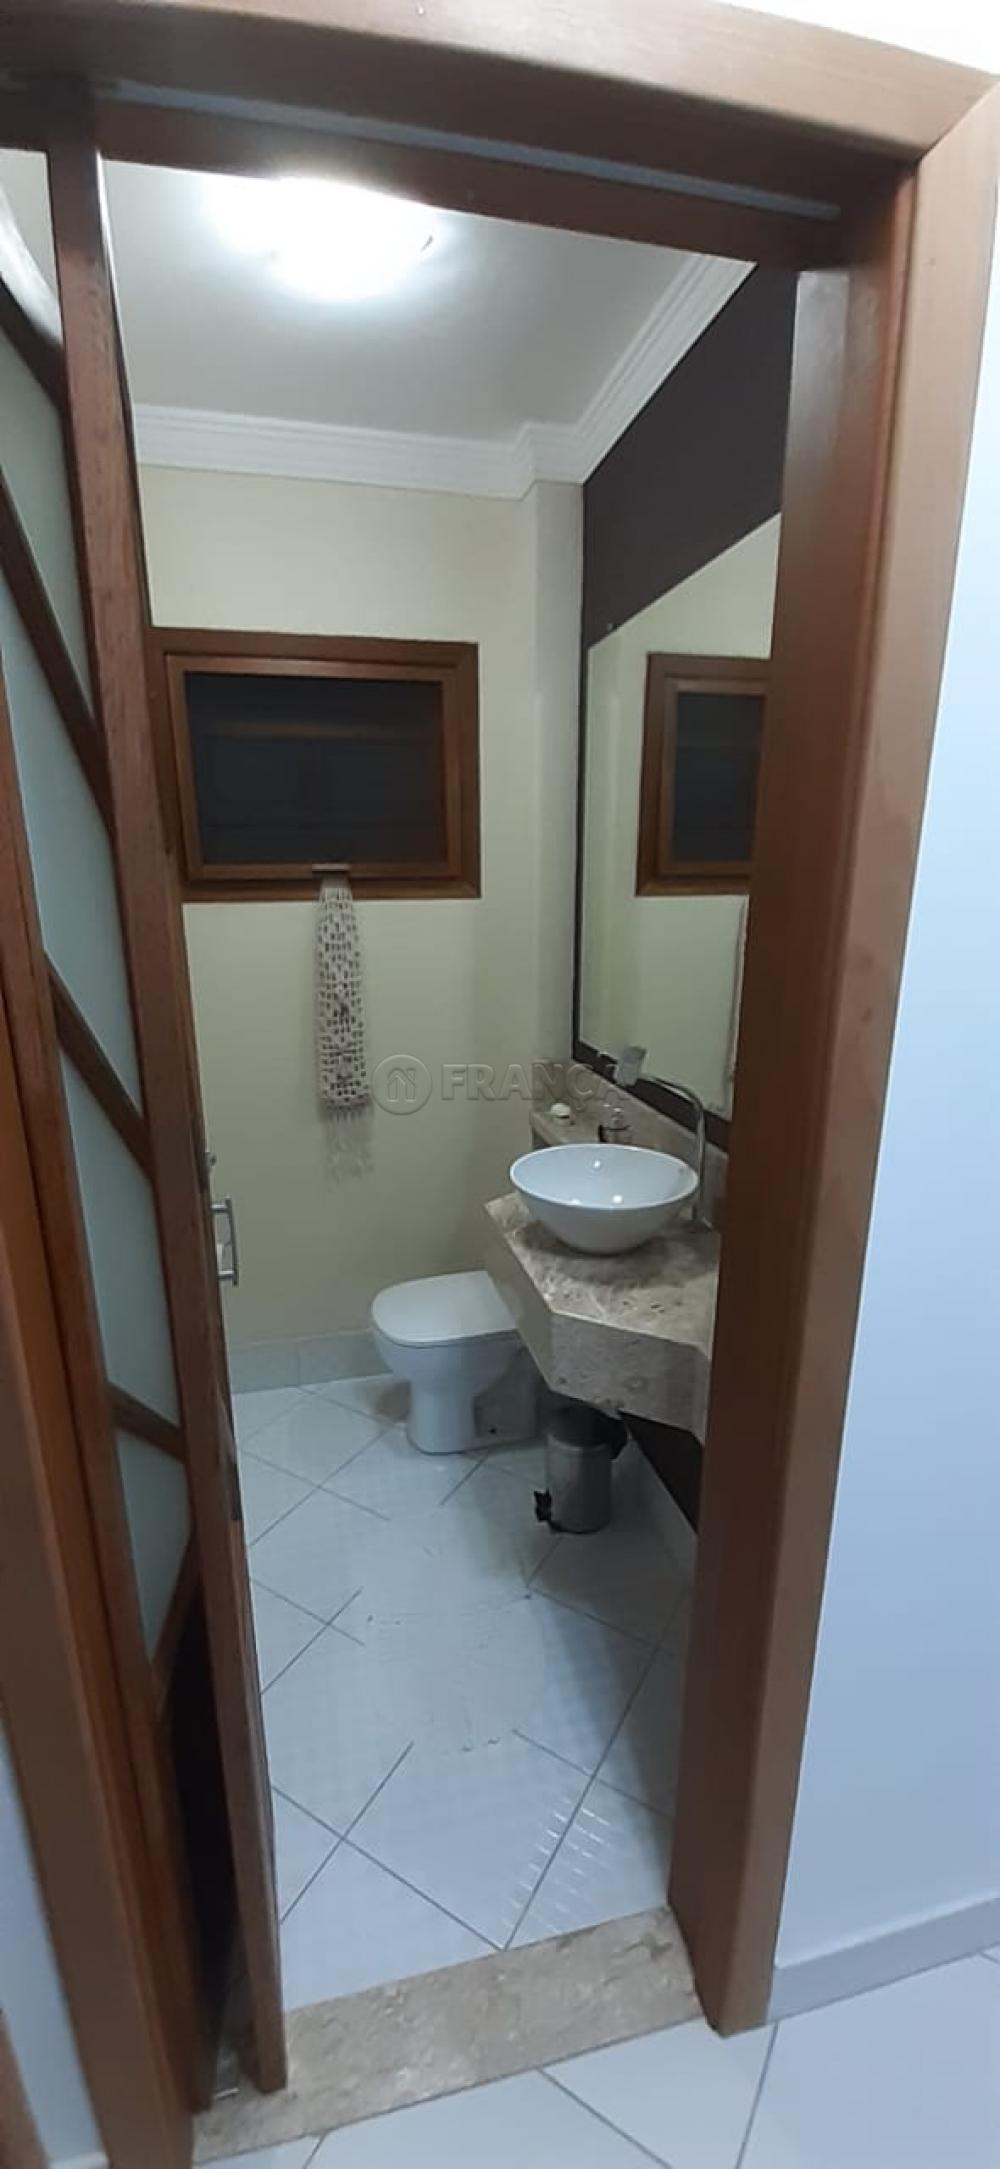 Comprar Casa / Padrão em Jacareí R$ 556.500,00 - Foto 14